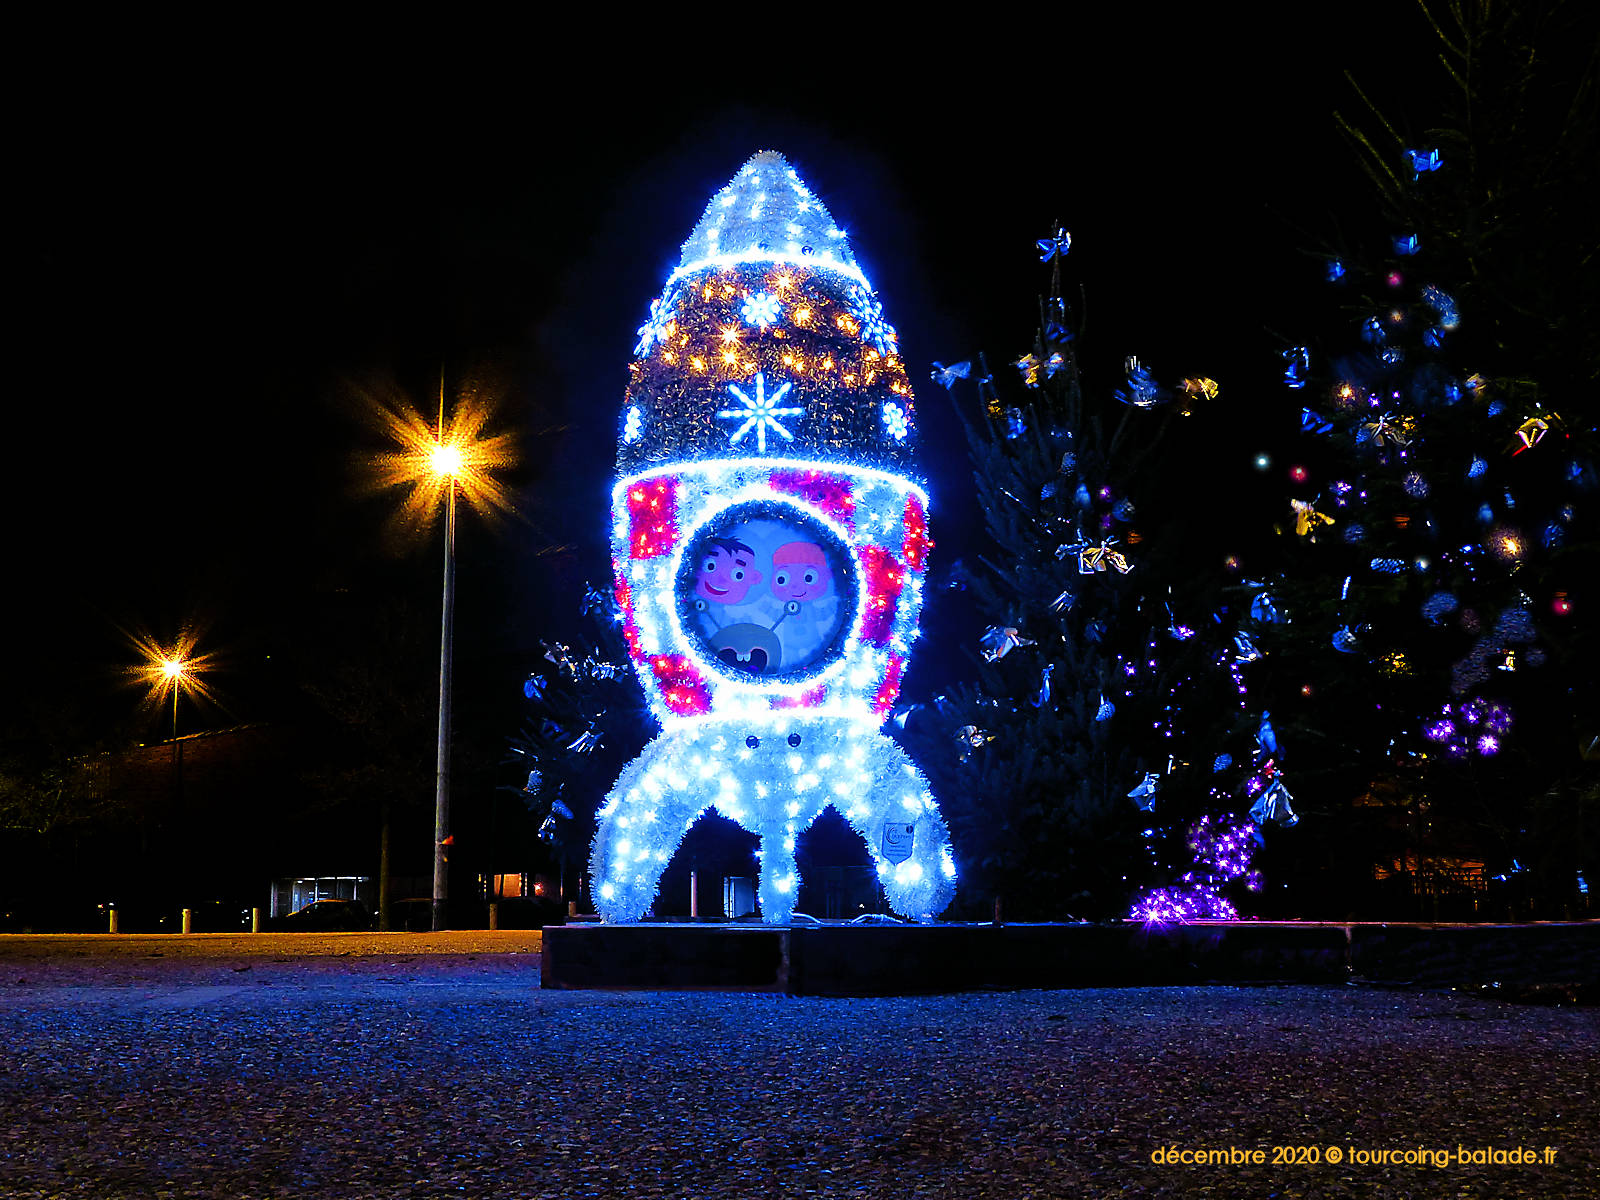 Tourcoing illumine Noël 2020